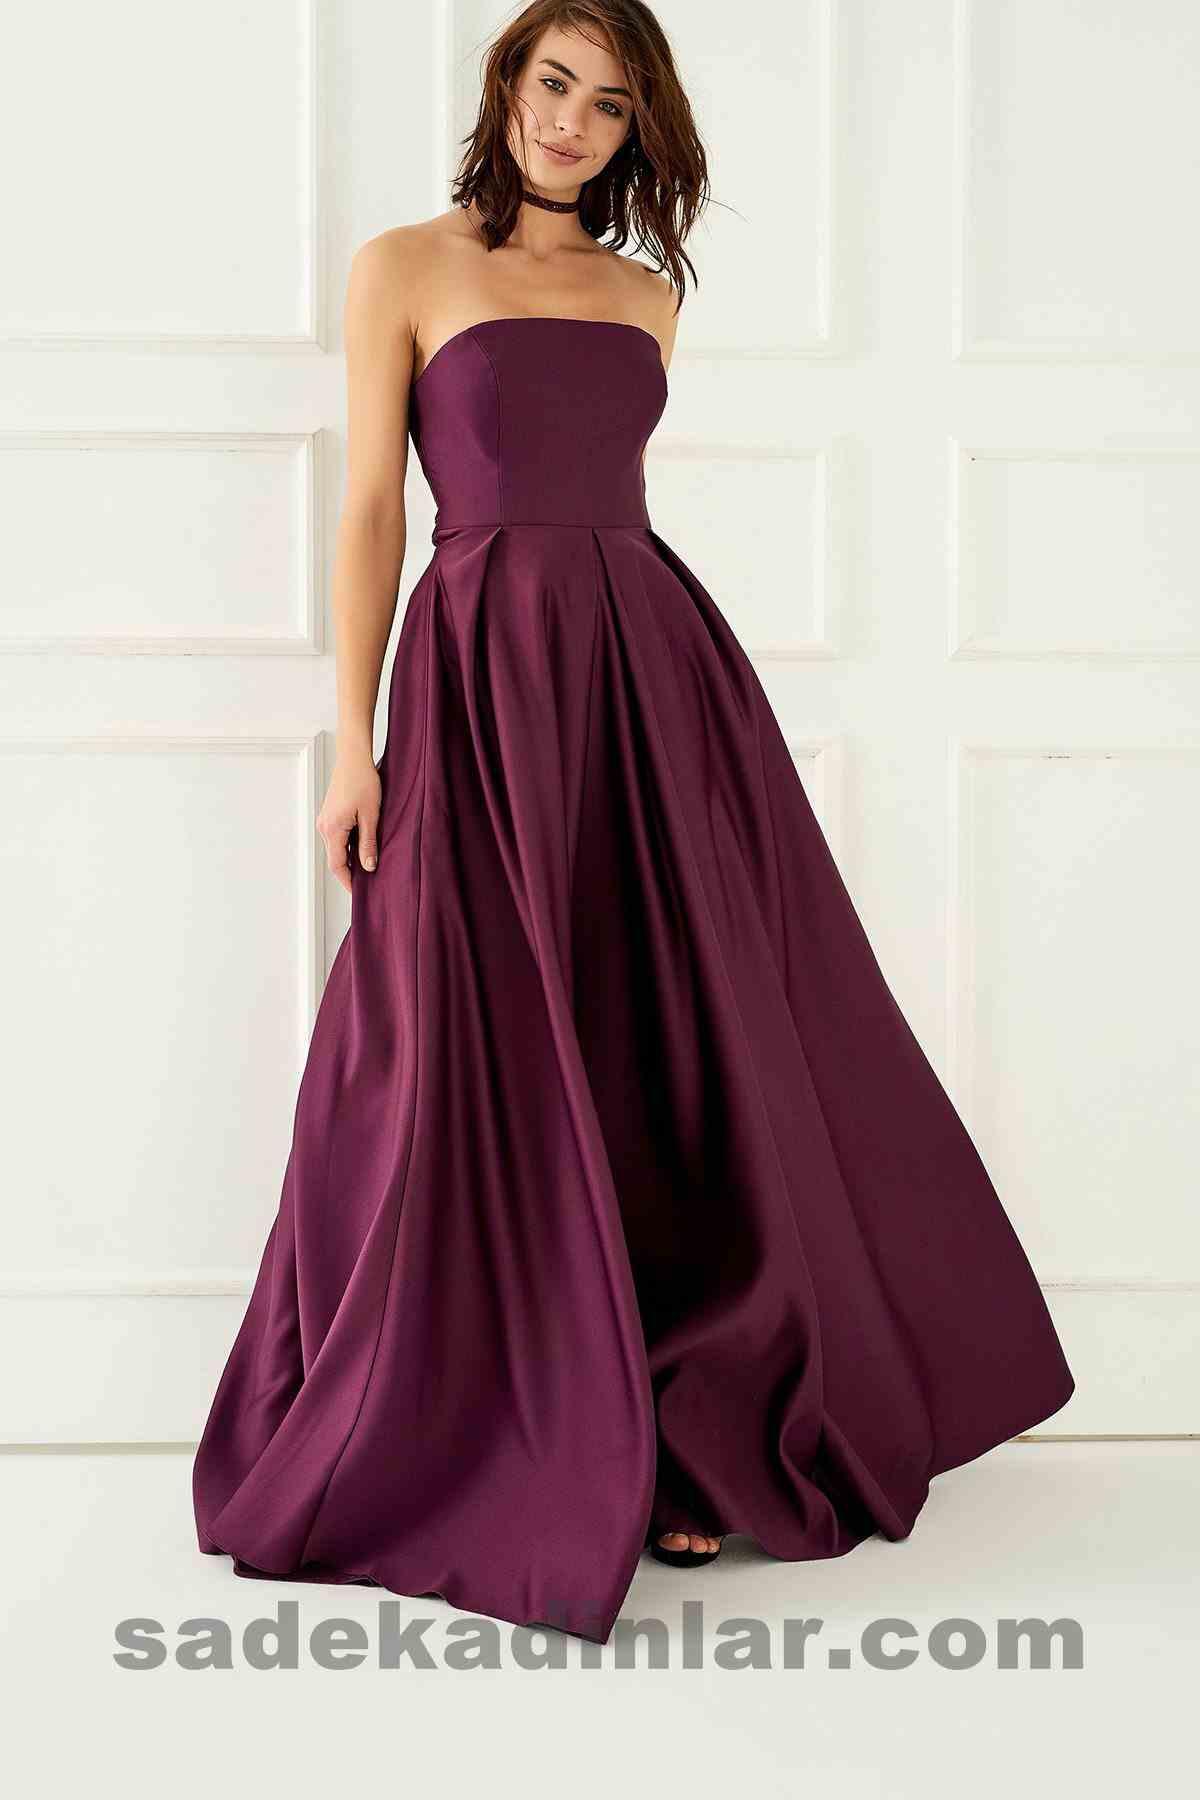 a9b5c726665f8 Abiye Elbise Modelleri Şık ve Güzel 2019 Gece Elbiseleri Mürdüm Straplez  Prenses Model · «